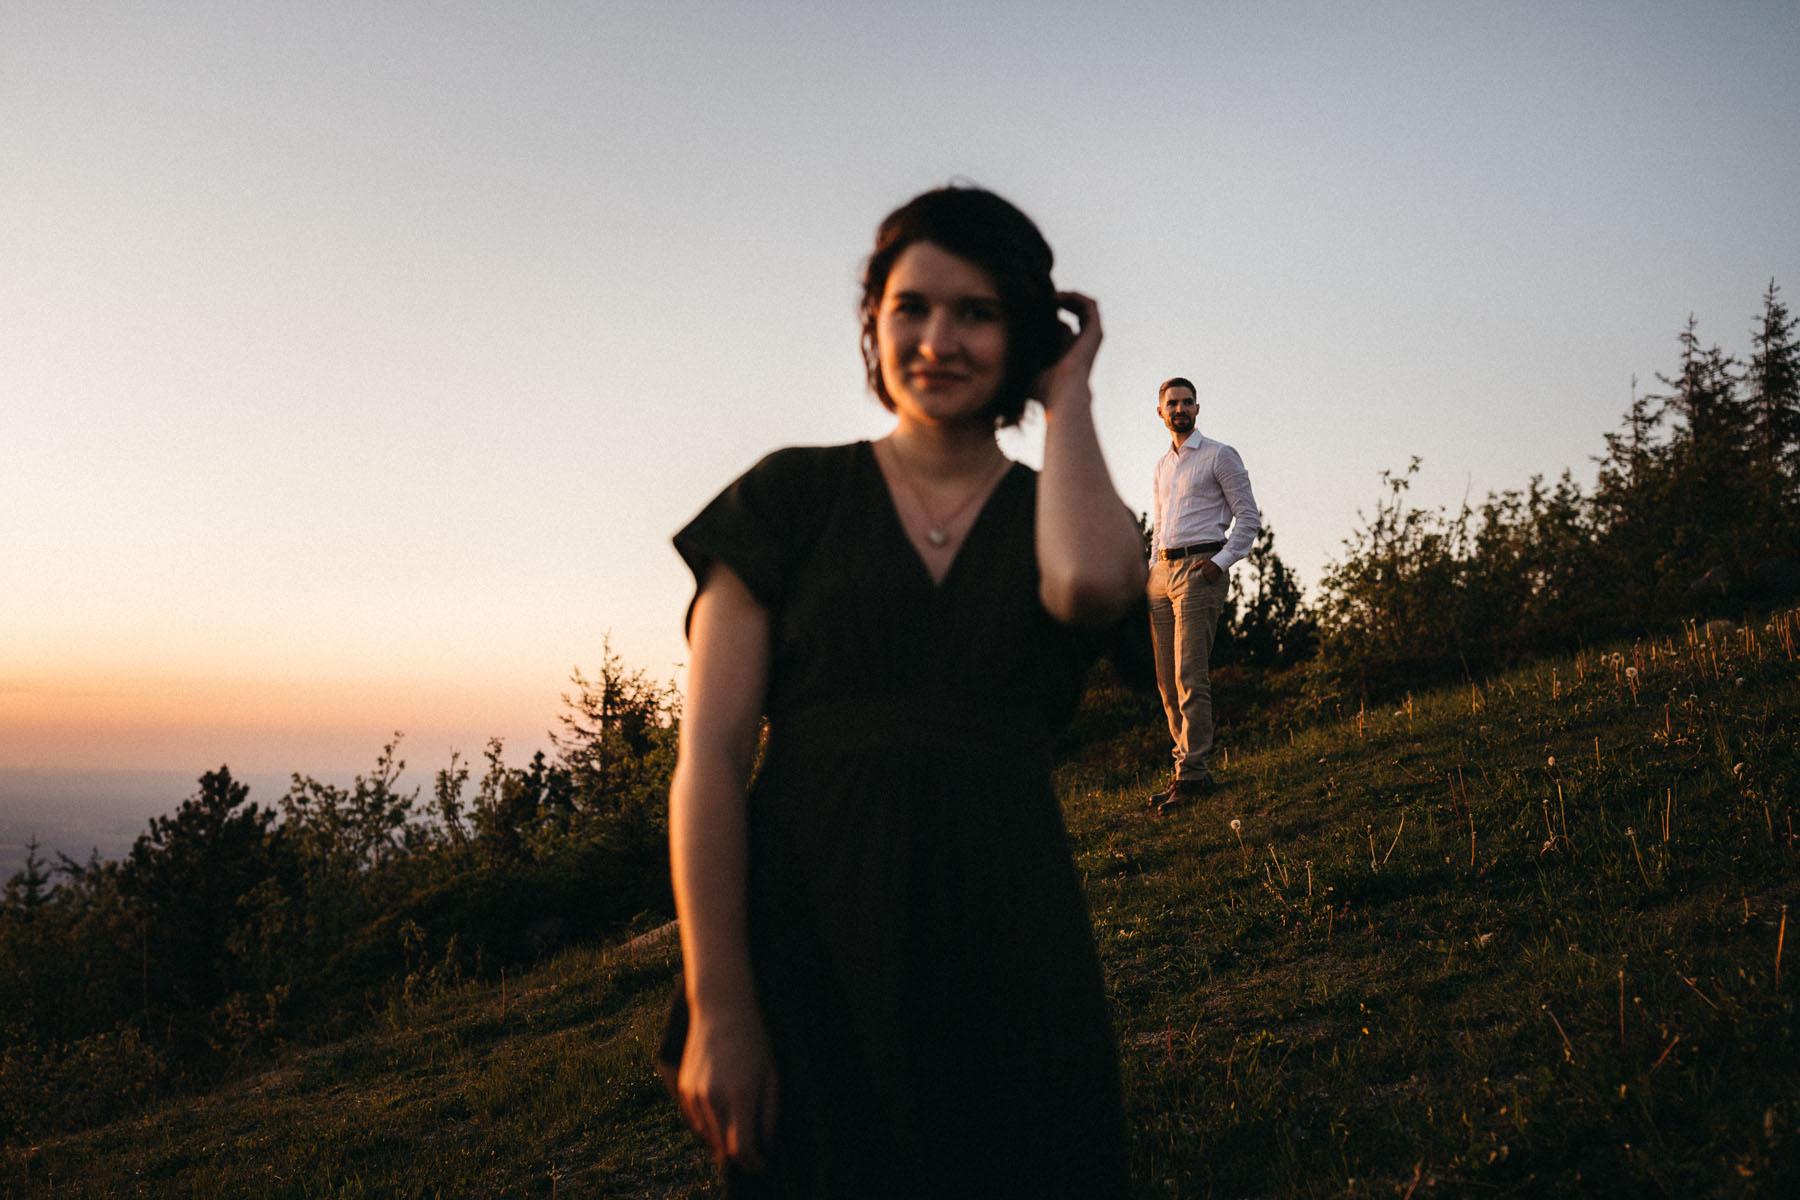 raissa simon fotografie engagement shooting schwarzwald 041 - Nicole + Mathias